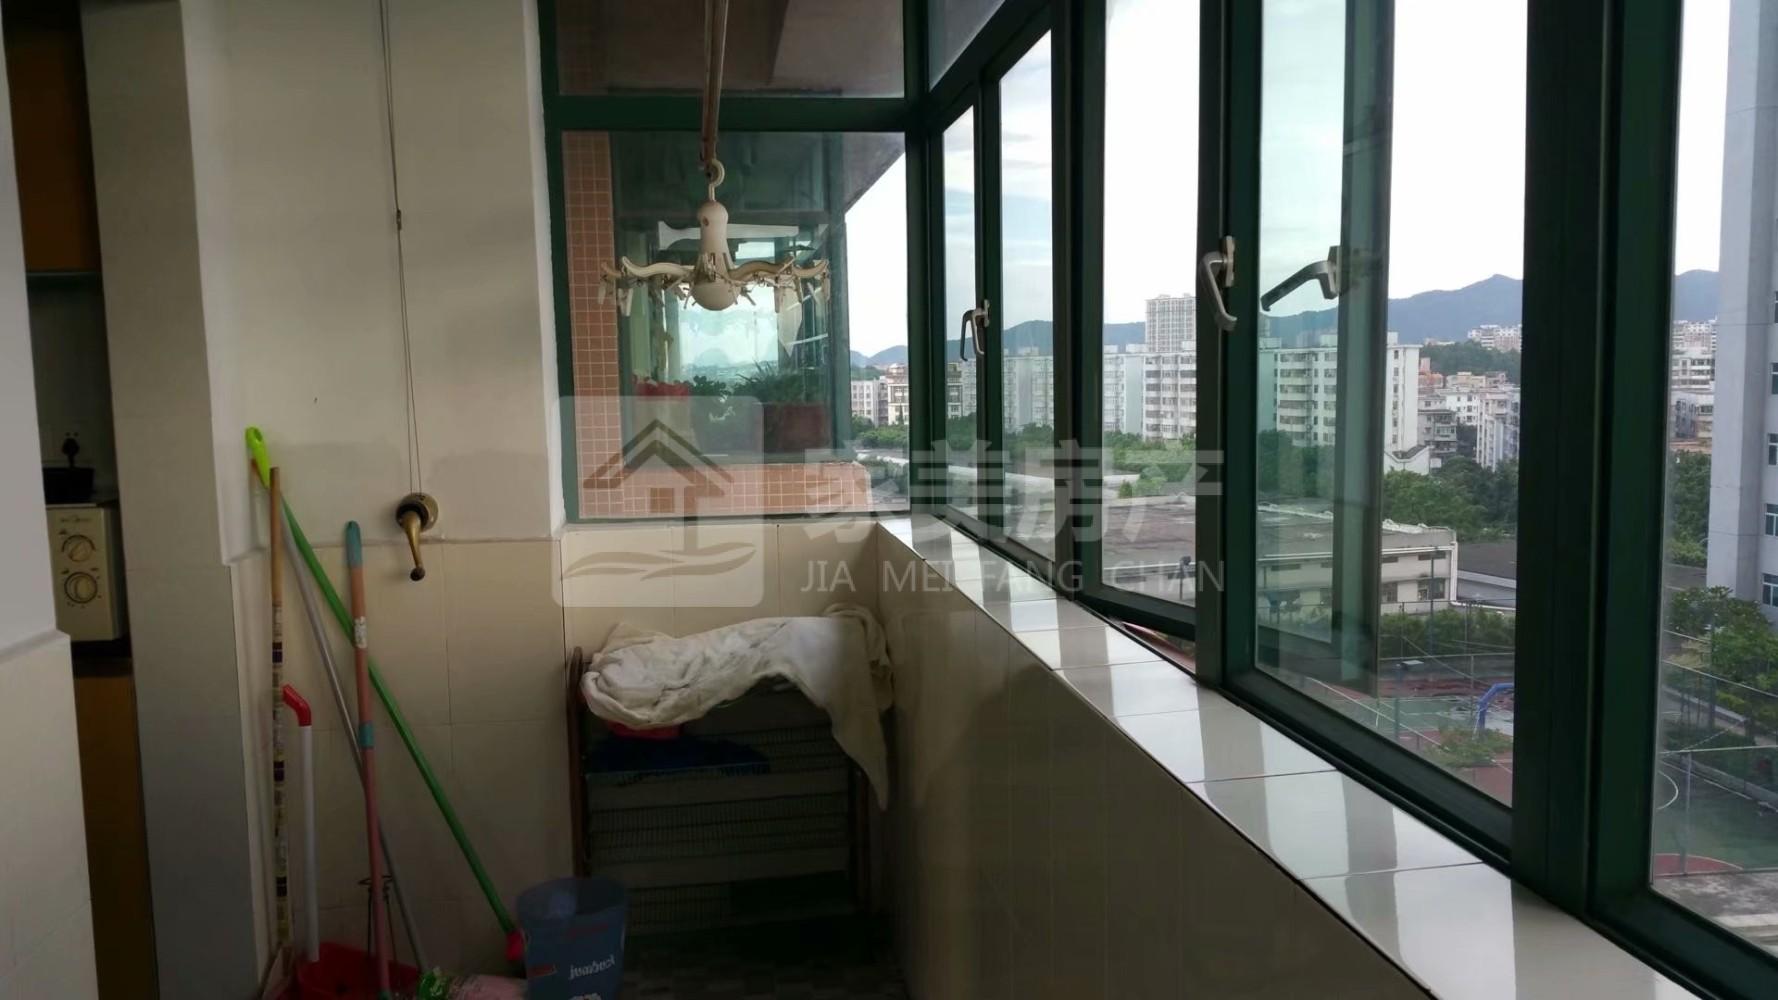 城区江景洋房 君临天下 113方高档装修 设施配套齐全 仅1800元/月